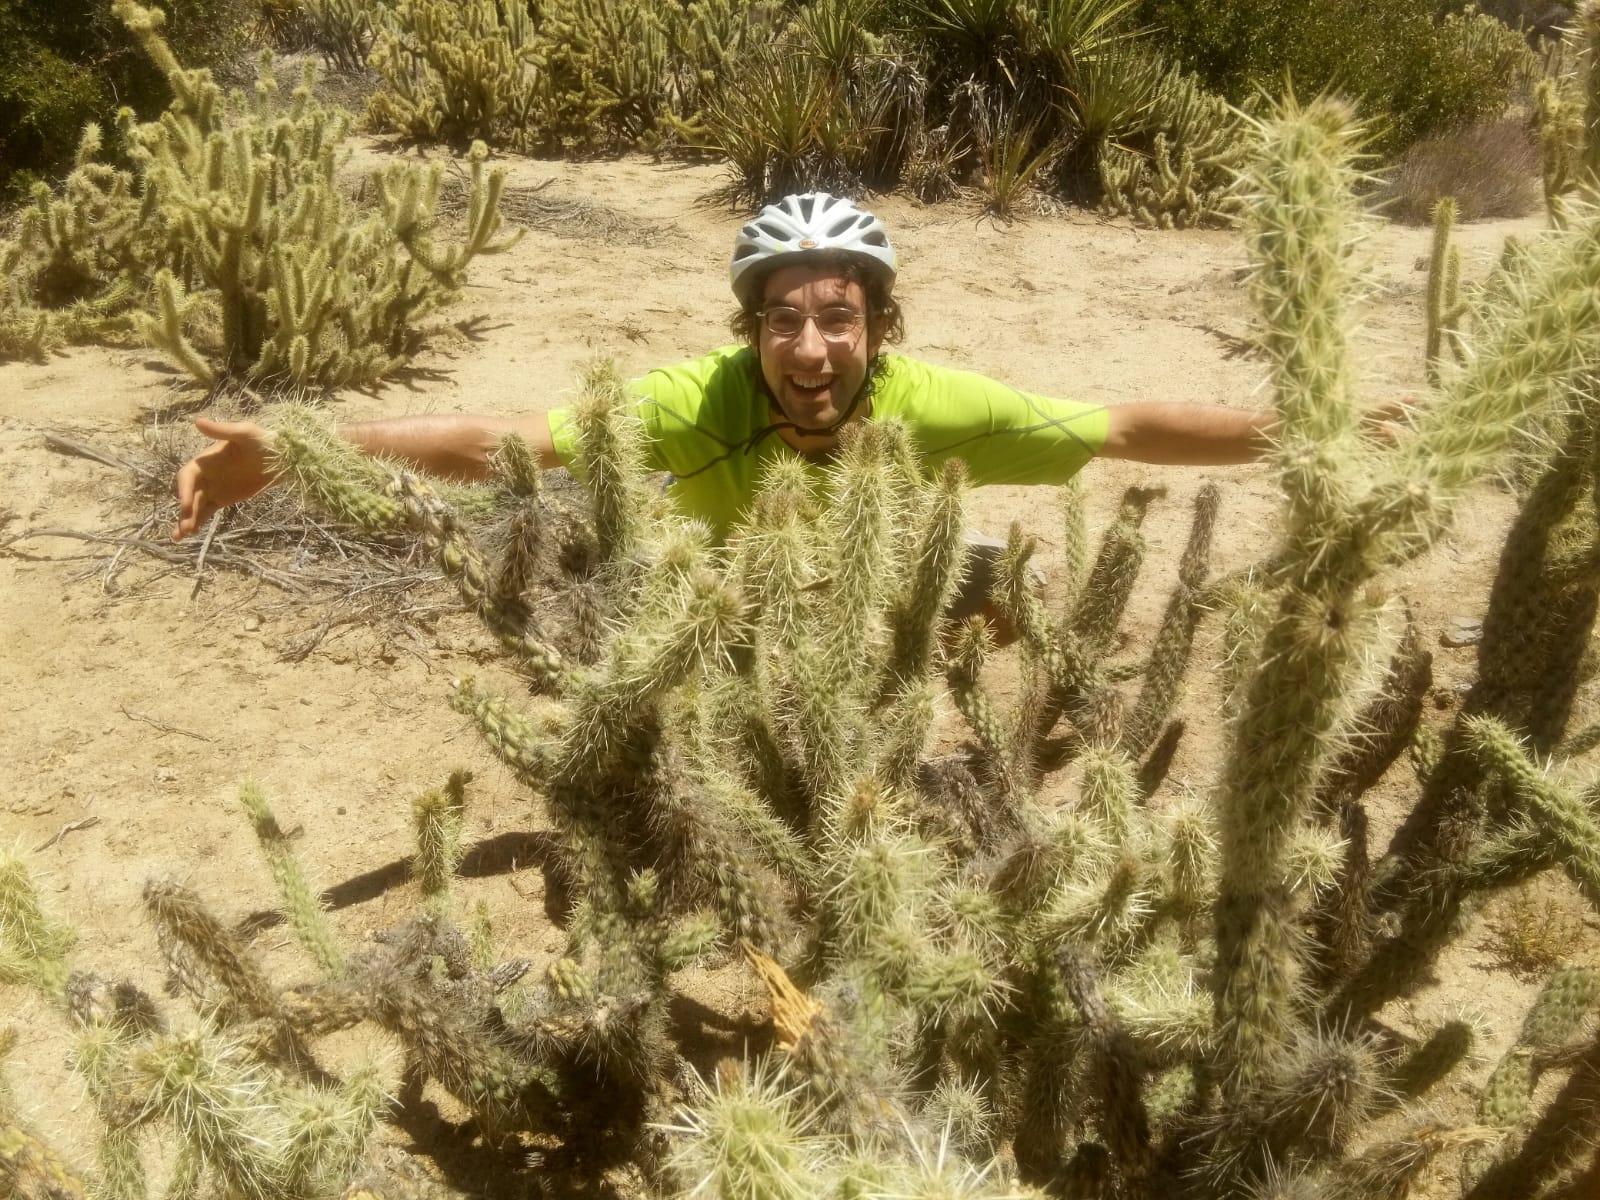 Hugging a cactus!?!